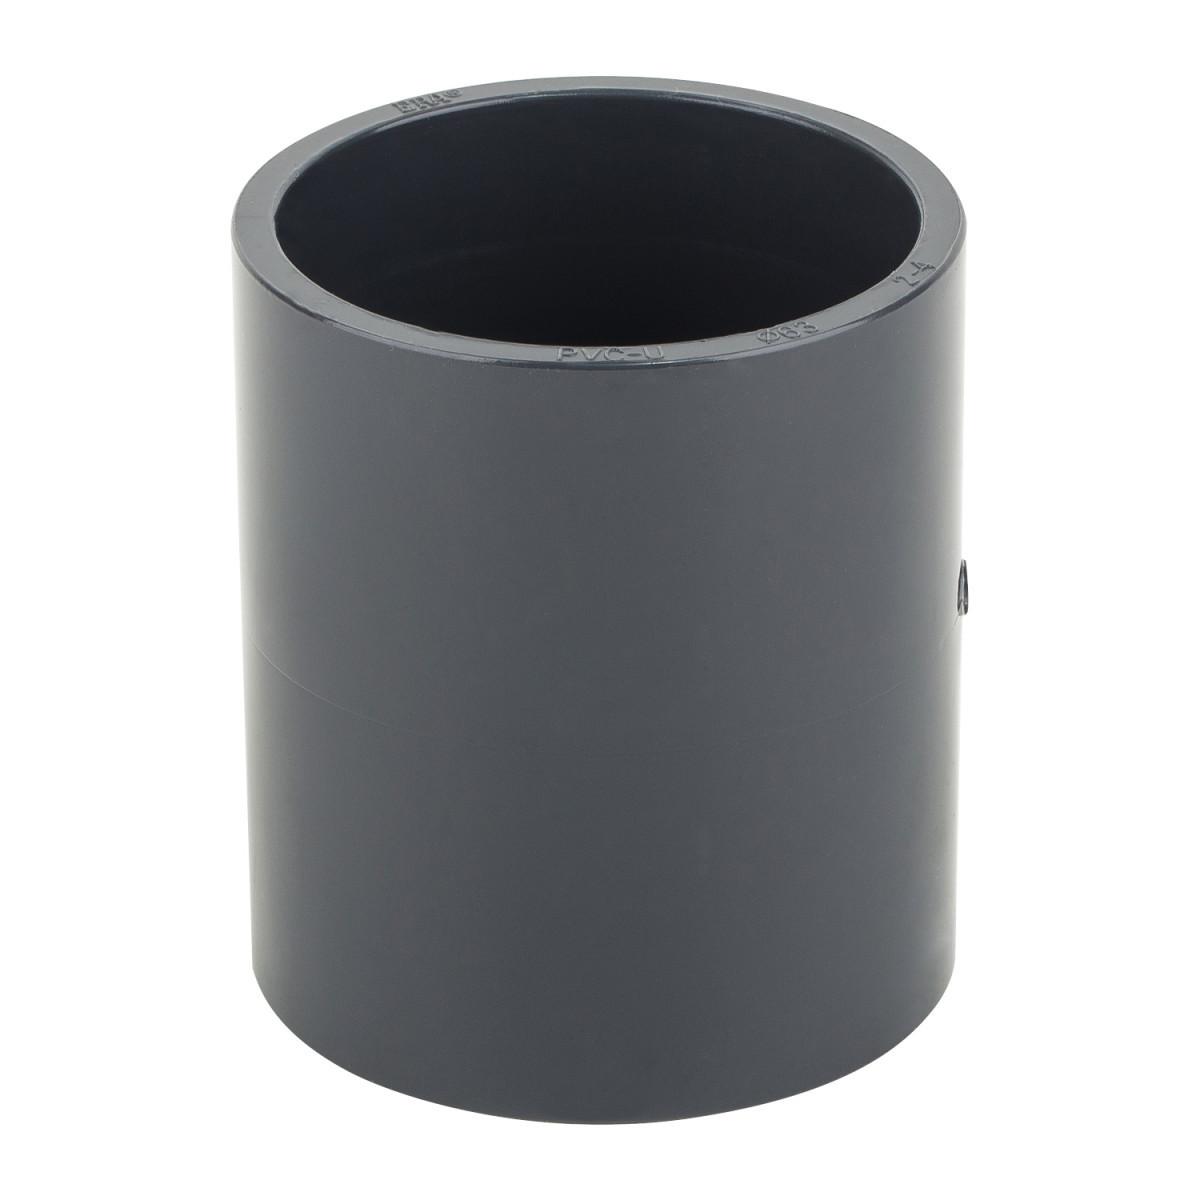 Муфта ПВХ ERA соеденительная диаметр 32 мм